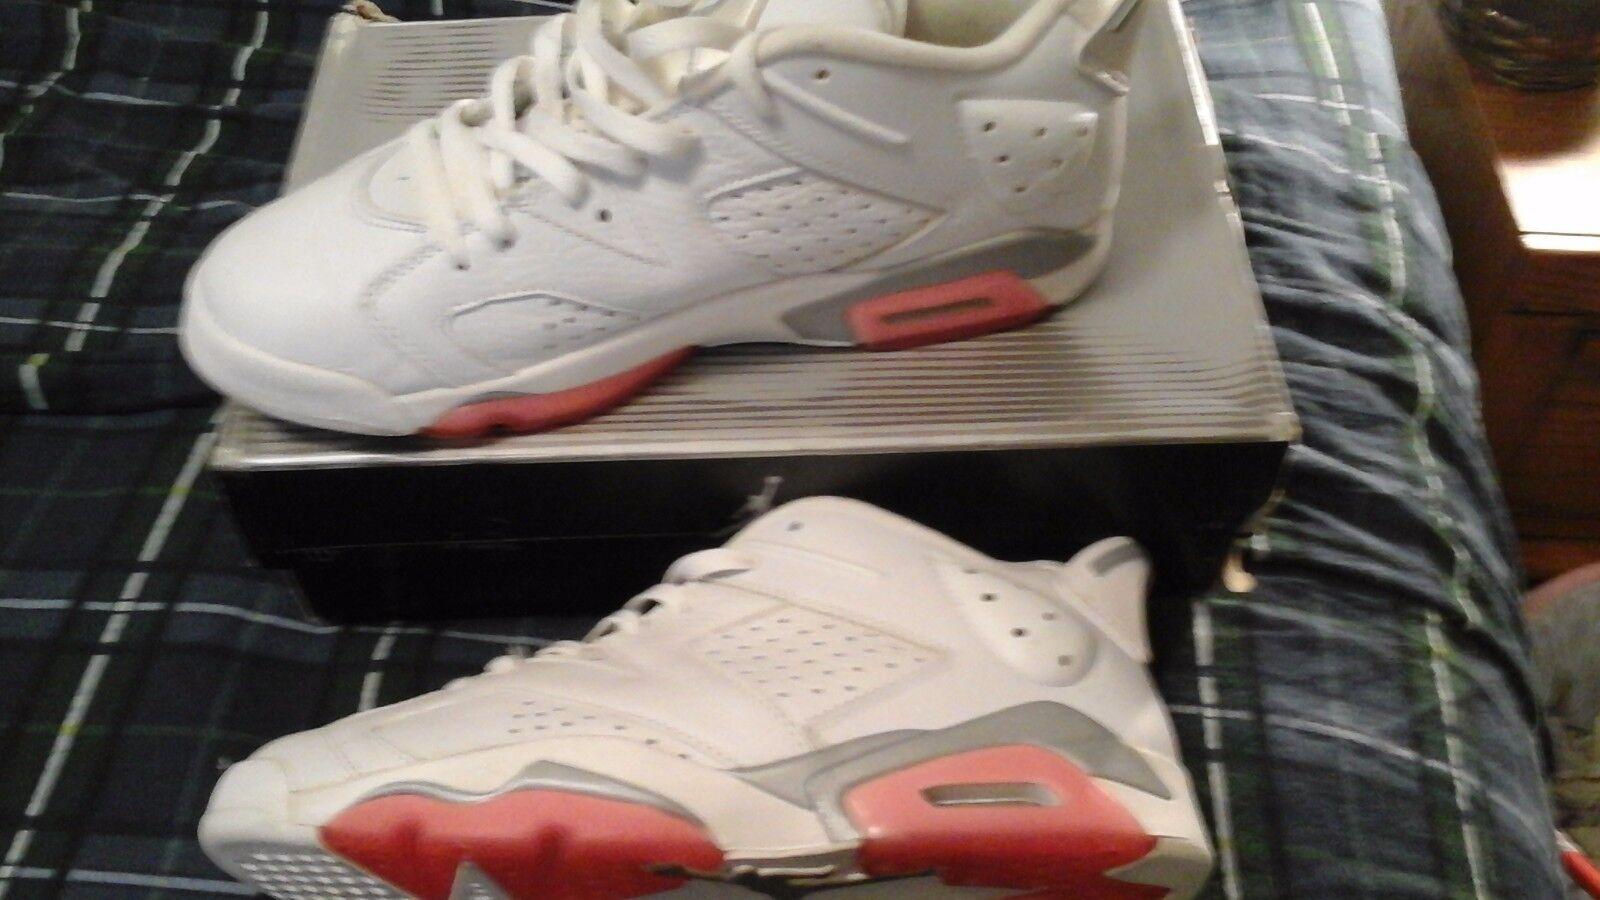 Jordans VI 6 blanc rose corail femelle 12 Homme Taille 10.5 seule paire en ligne Google